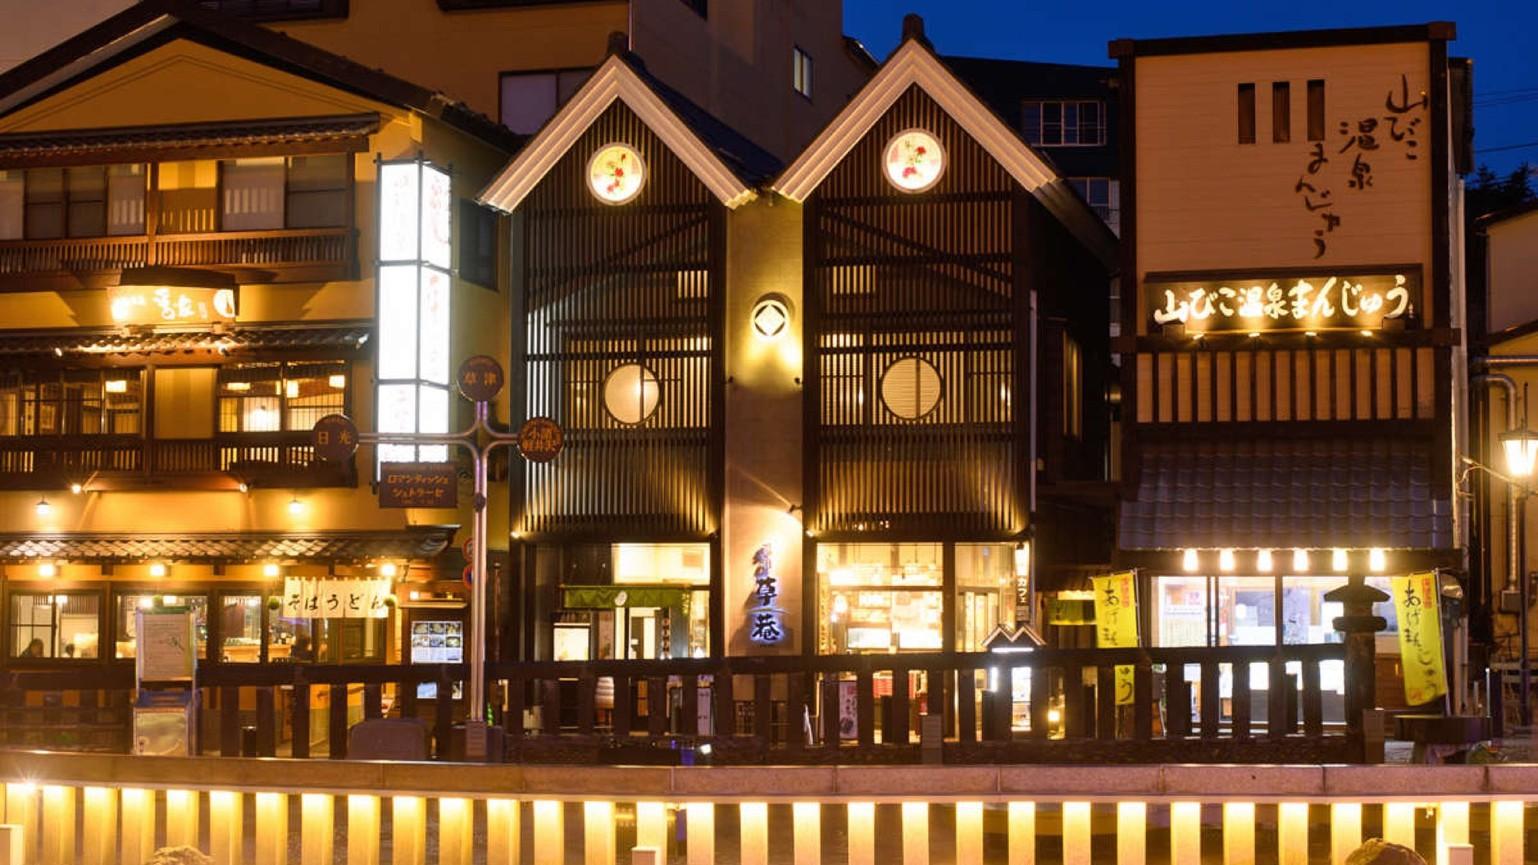 ライトアップされた湯畑の絶景を楽しめる草津温泉の宿を教えて!